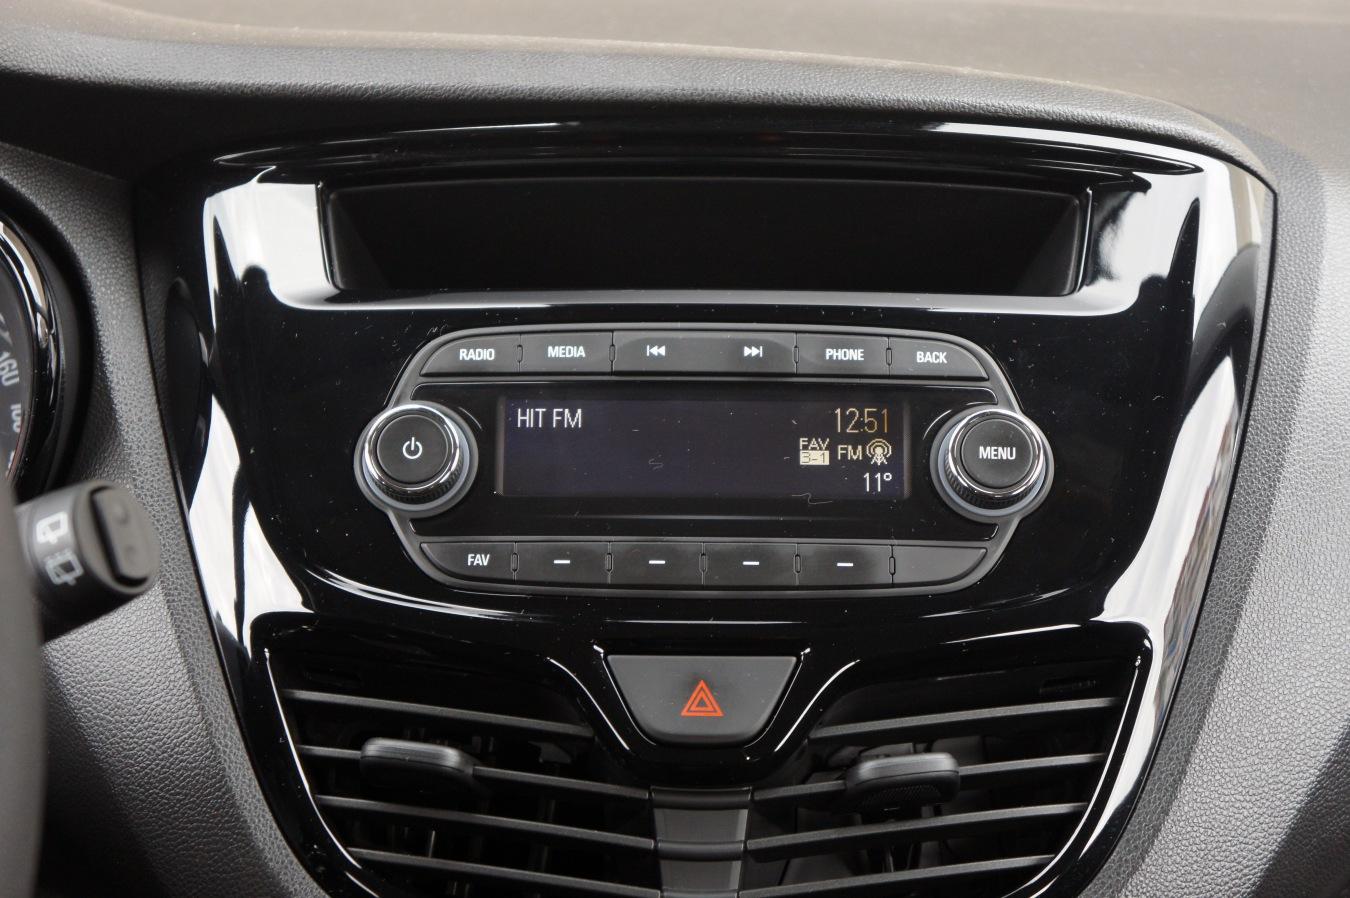 Opinión y prueba Opel Karl 1.0 MPI 75 CV Selective. Oferta